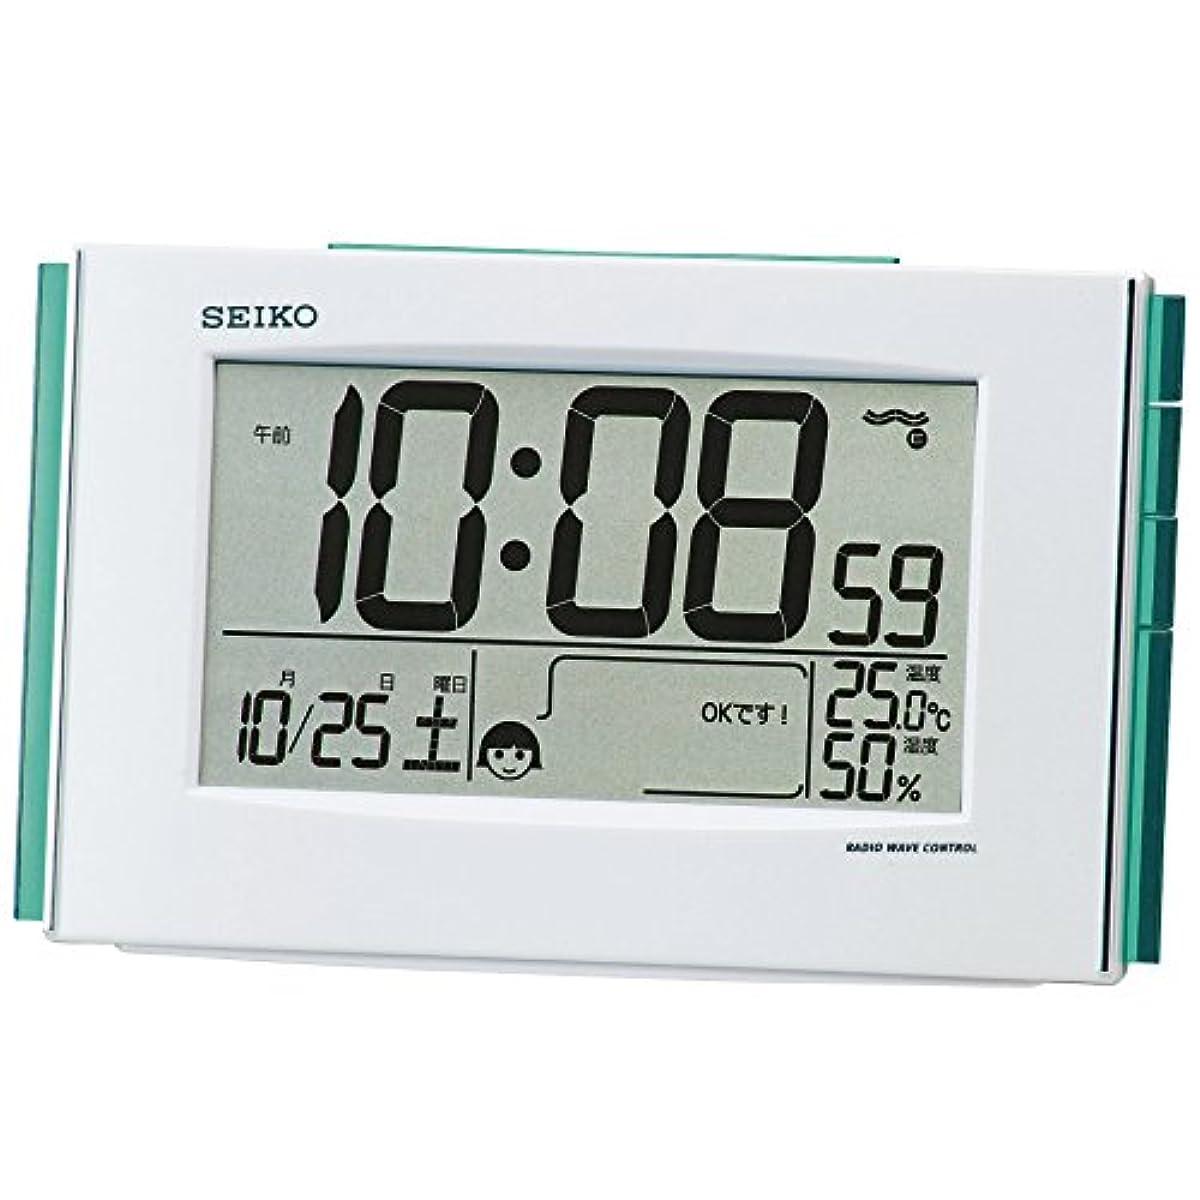 [해외] 세이코 clock 자명종 쾌적 사운드NAVI 전파 디지털 캘린더 온도 습도 표범시화이트 펄 SQ776W SEIKO